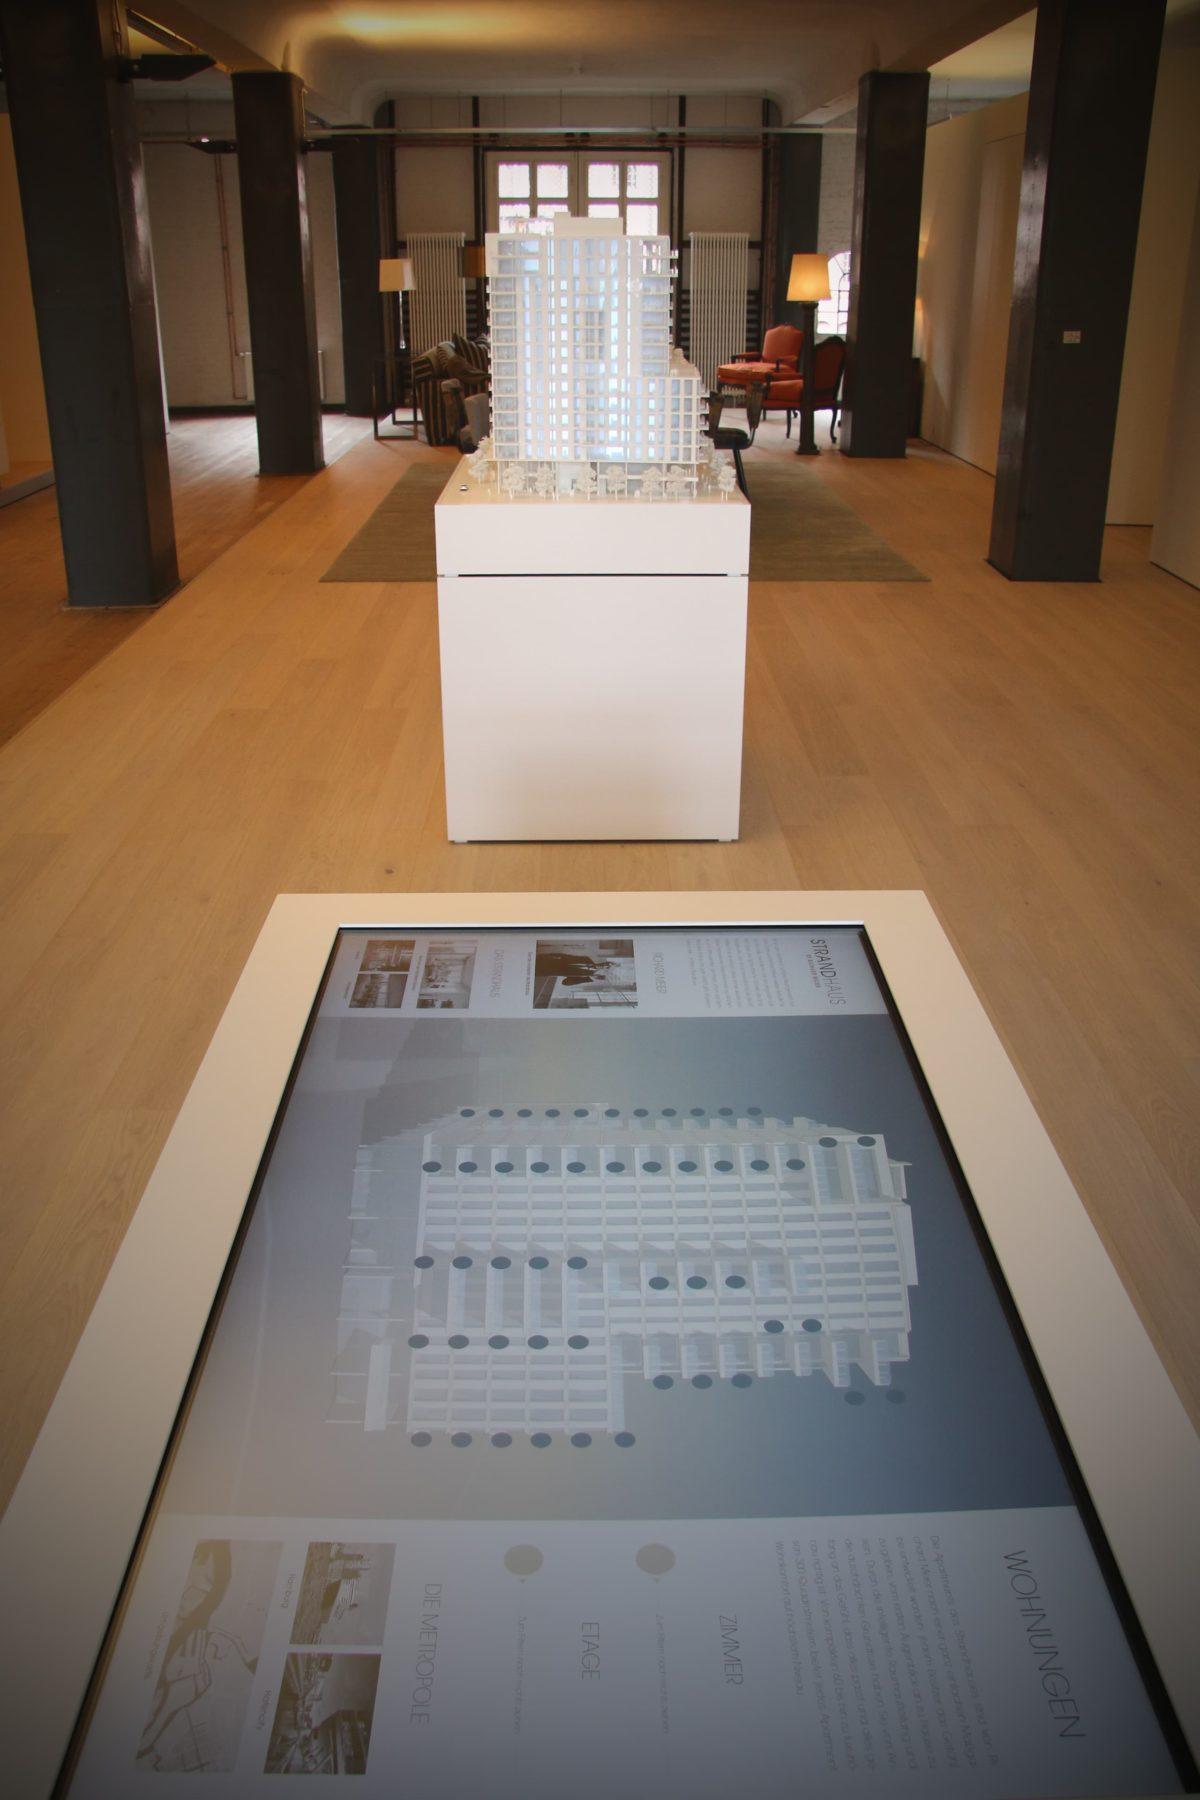 Architekturmodell Quantum Strandhaus von Richard Meier Architekten, inszenierung im Showroom von Engel & Völkers